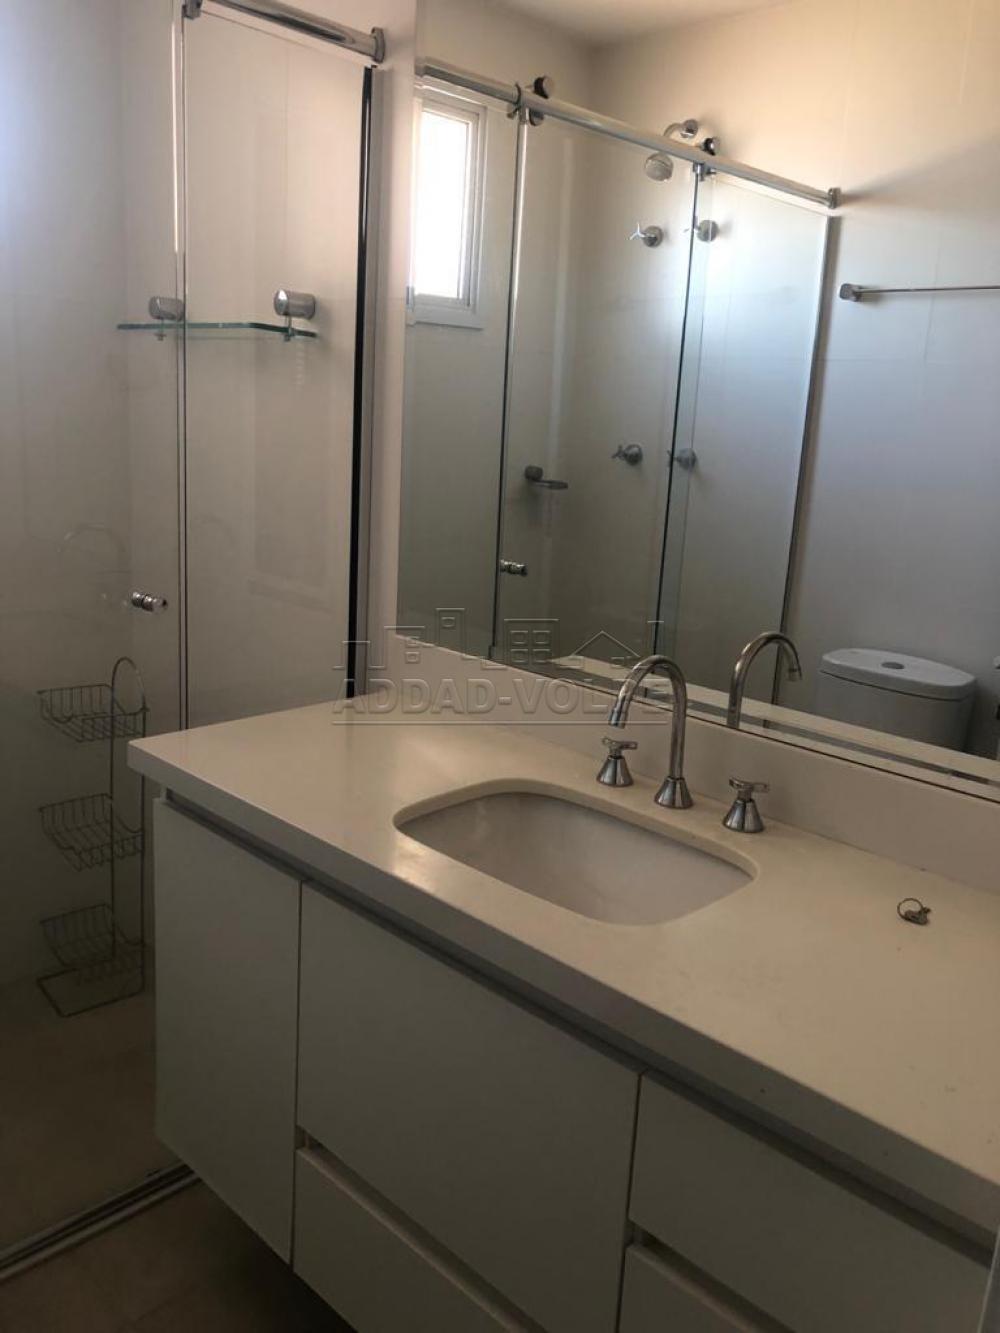 Comprar Apartamento / Padrão em Bauru R$ 990.000,00 - Foto 19